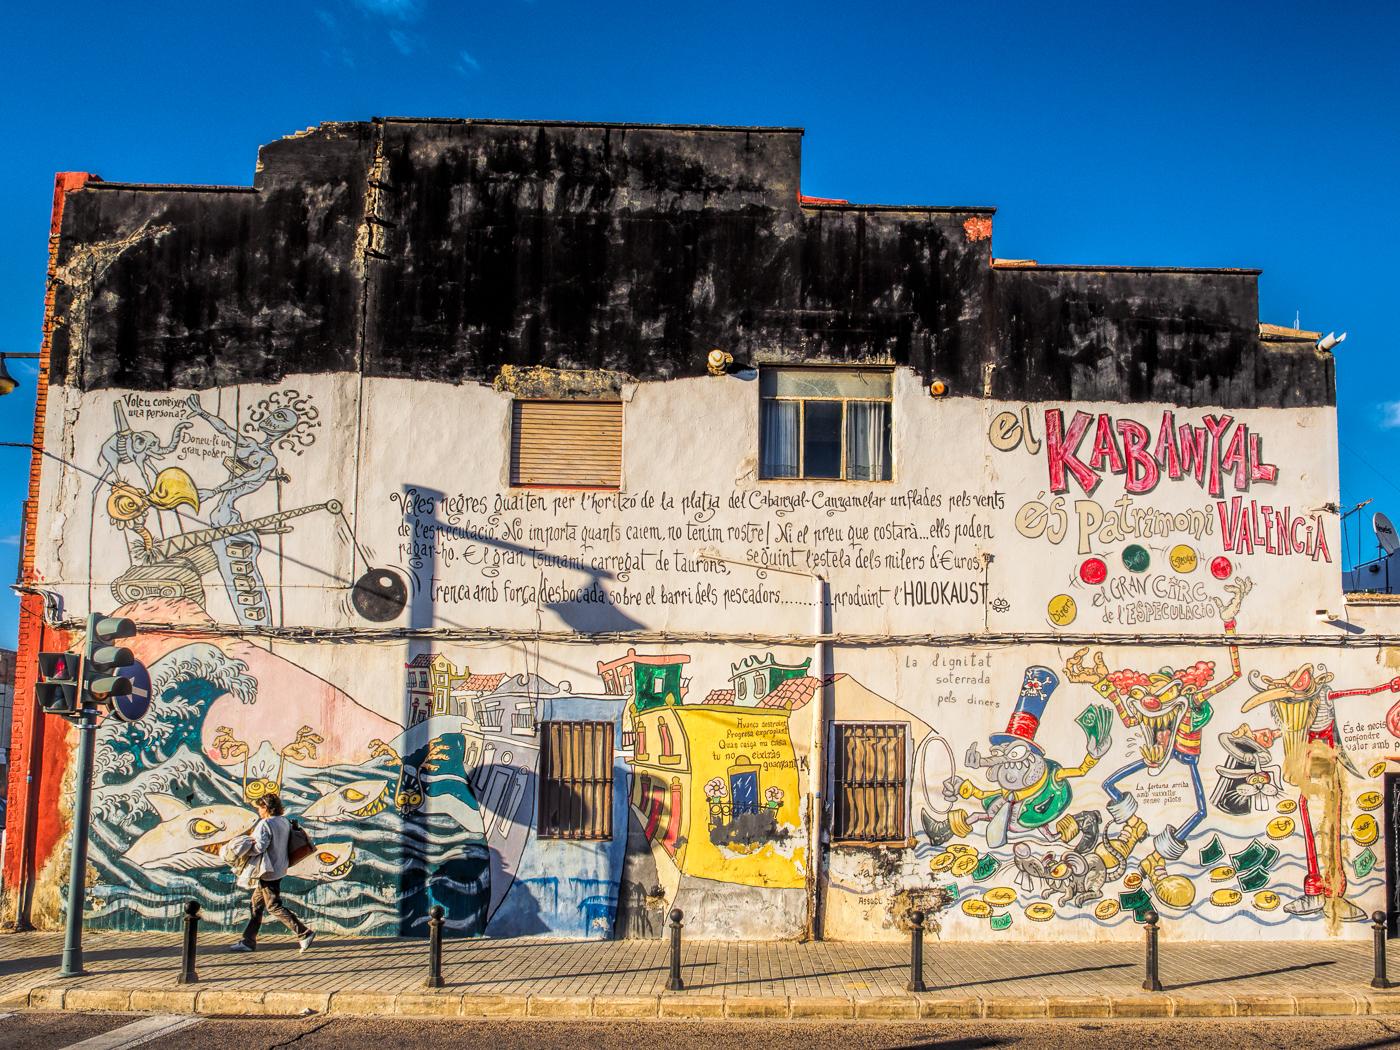 Decaying beauty graced by pretty graffiti